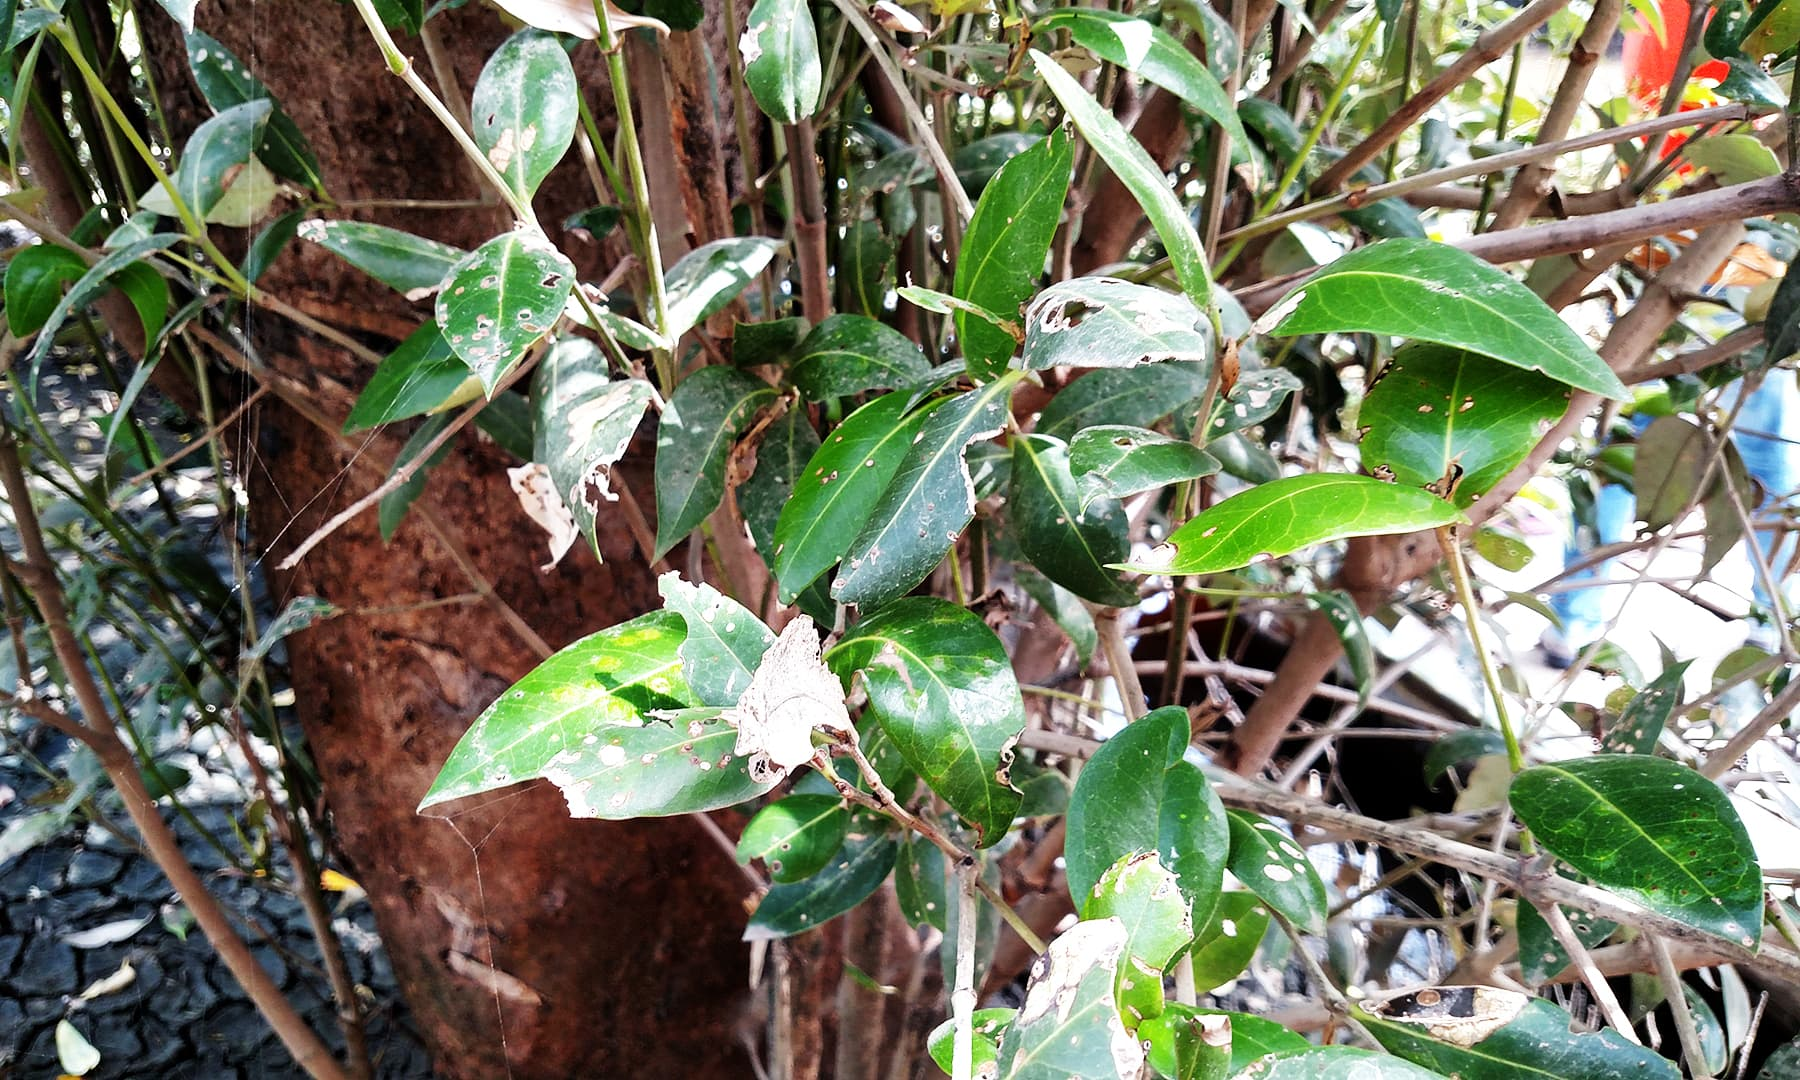 انفیکشن کا شکار ایک درخت — فوٹو بشکریہ لکھاری